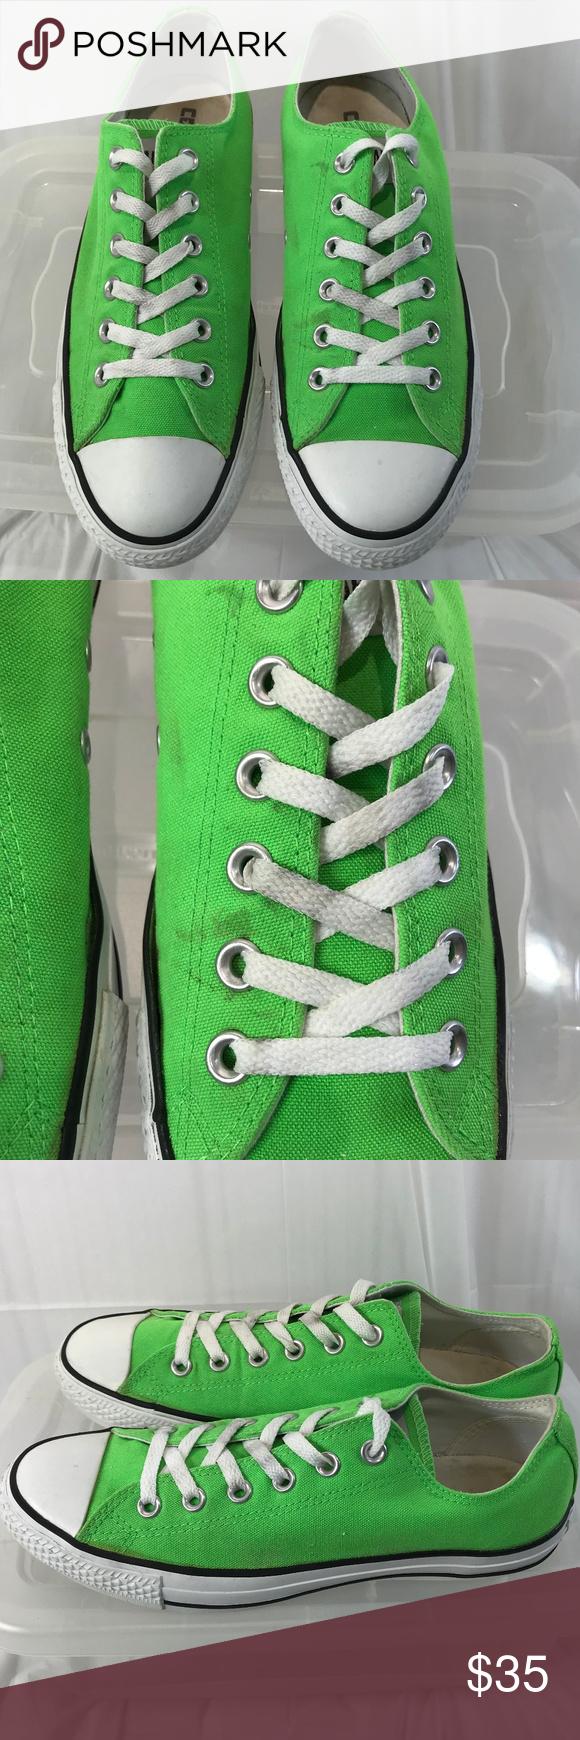 a2009b6b865 Rare Neon Green Converse All Stars Unisex 7M 9W Rare Neon Green Converse  All Star